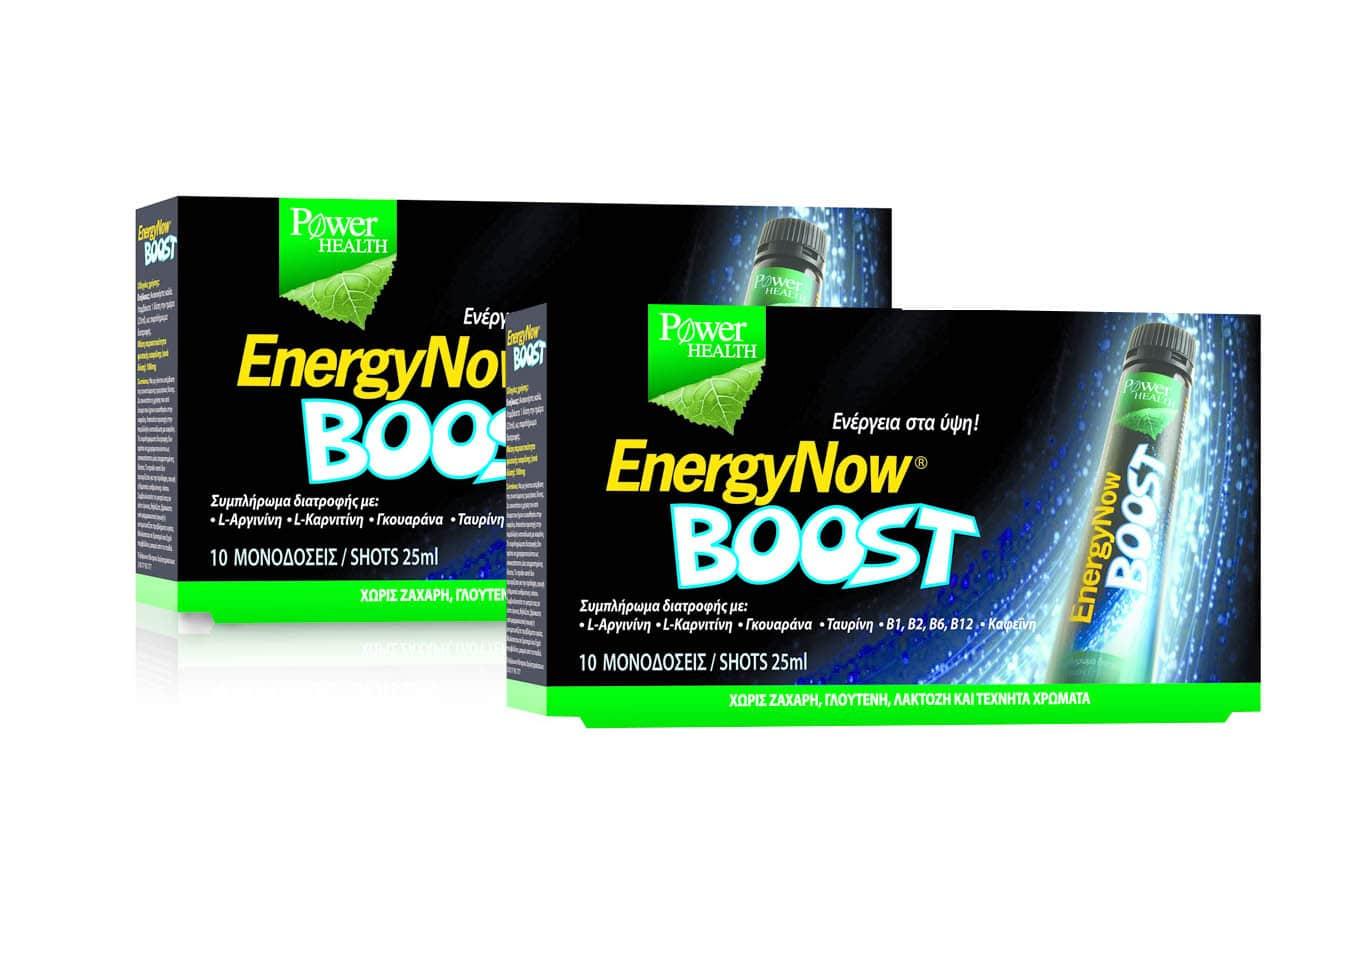 2 x Power Health Energy Now Boost Φυσικό Τονωτικό σε μονοδόσεις με Γεύση Cola, 2 x (10 x 25ml)